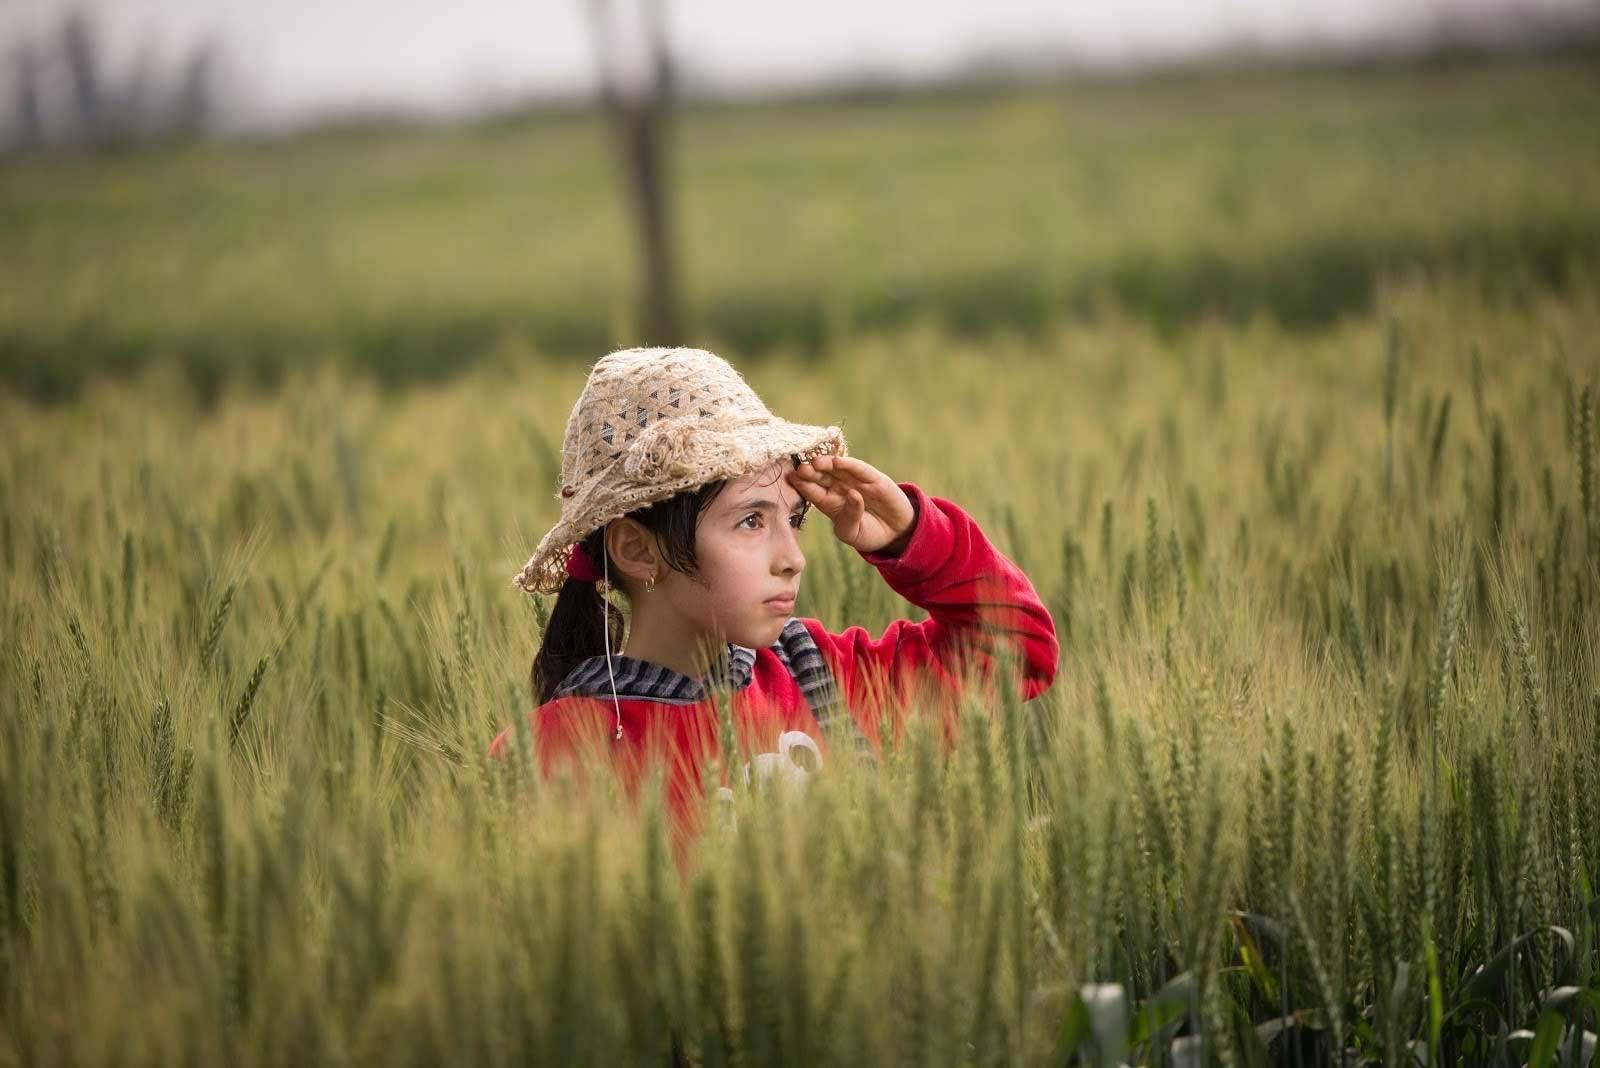 enfant dans un champ